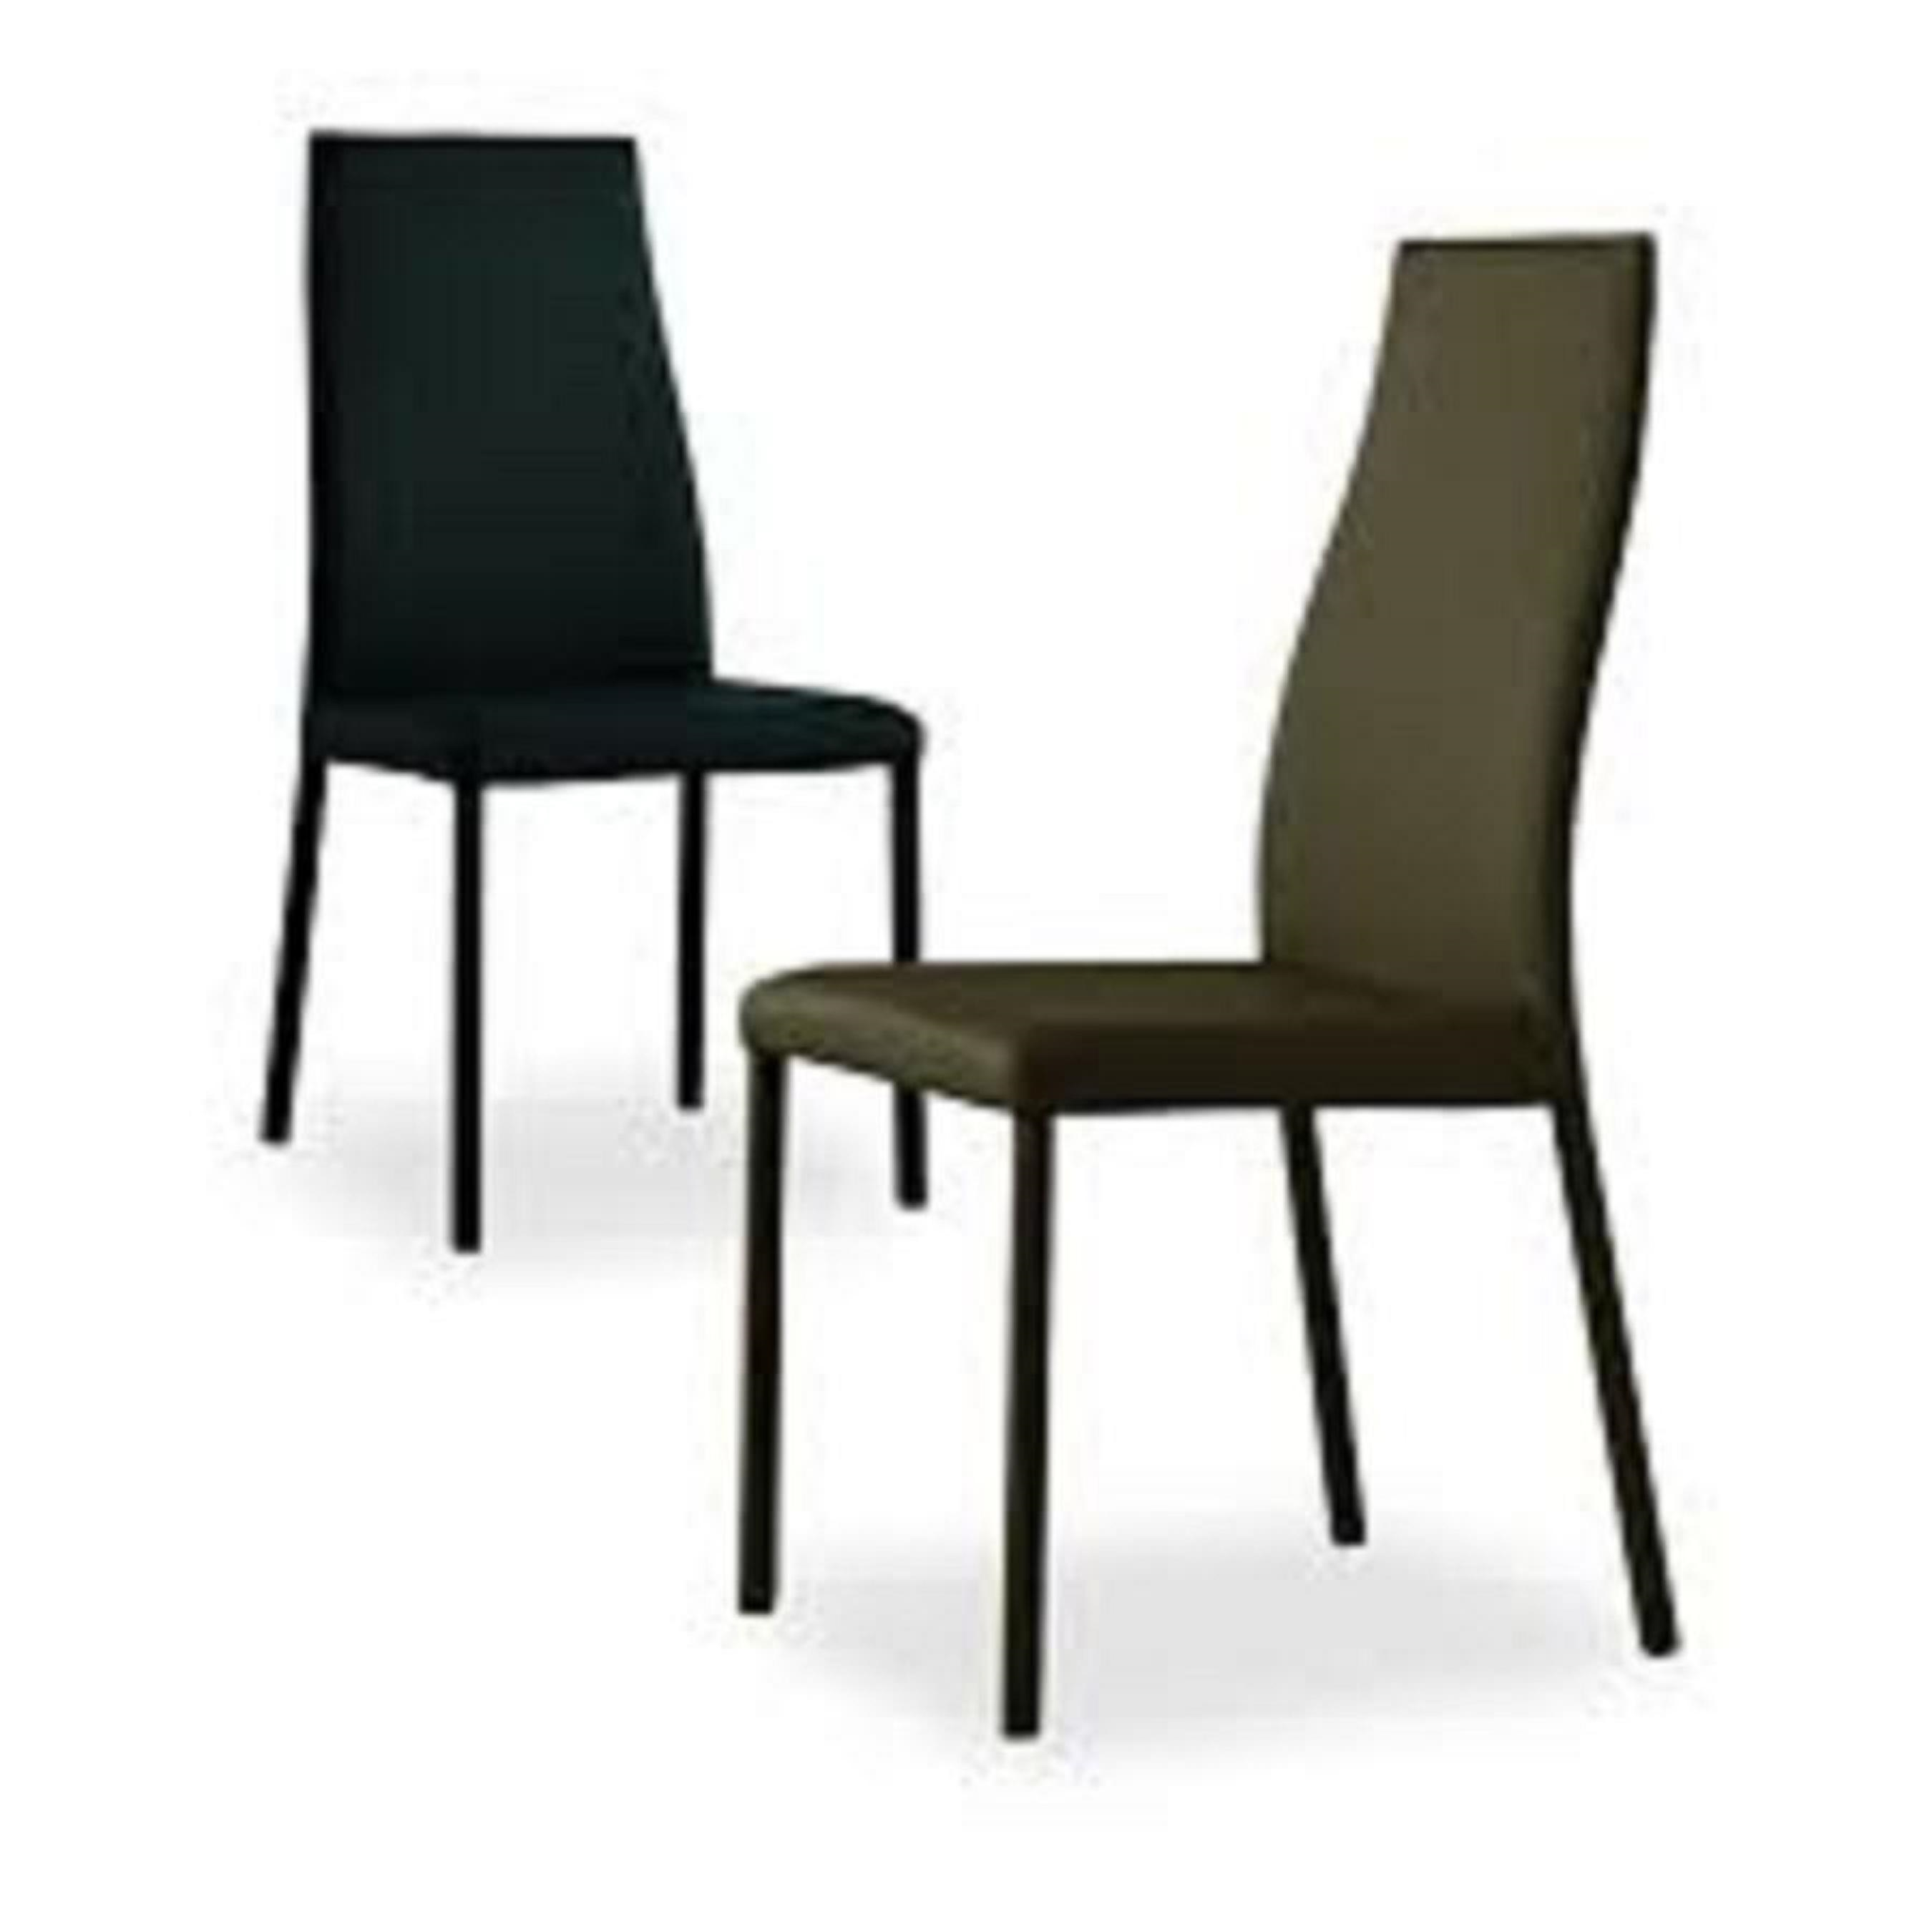 Grancasa mobili per esterno design casa creativa e for Grancasa tavoli e sedie